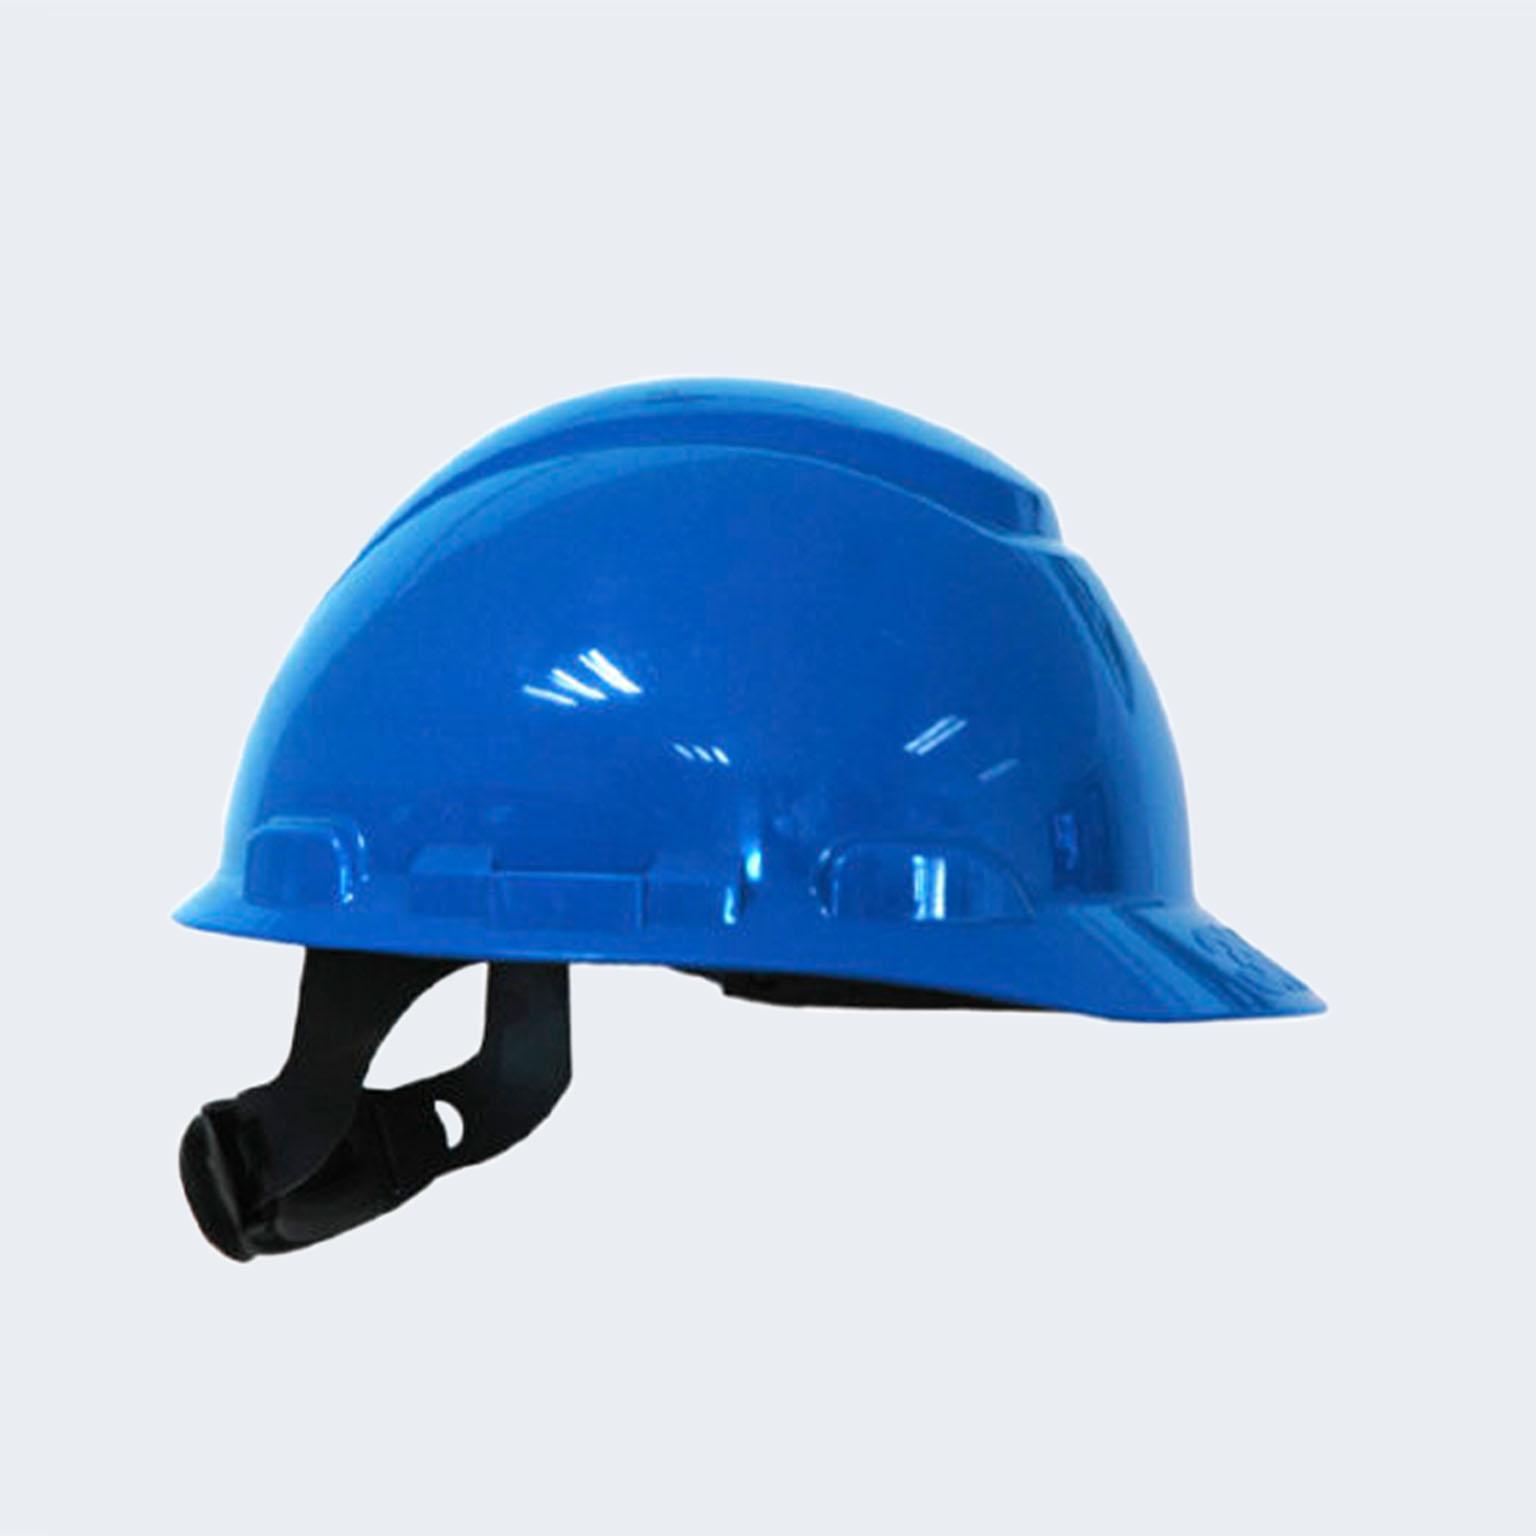 casco azul marino 3M priosa